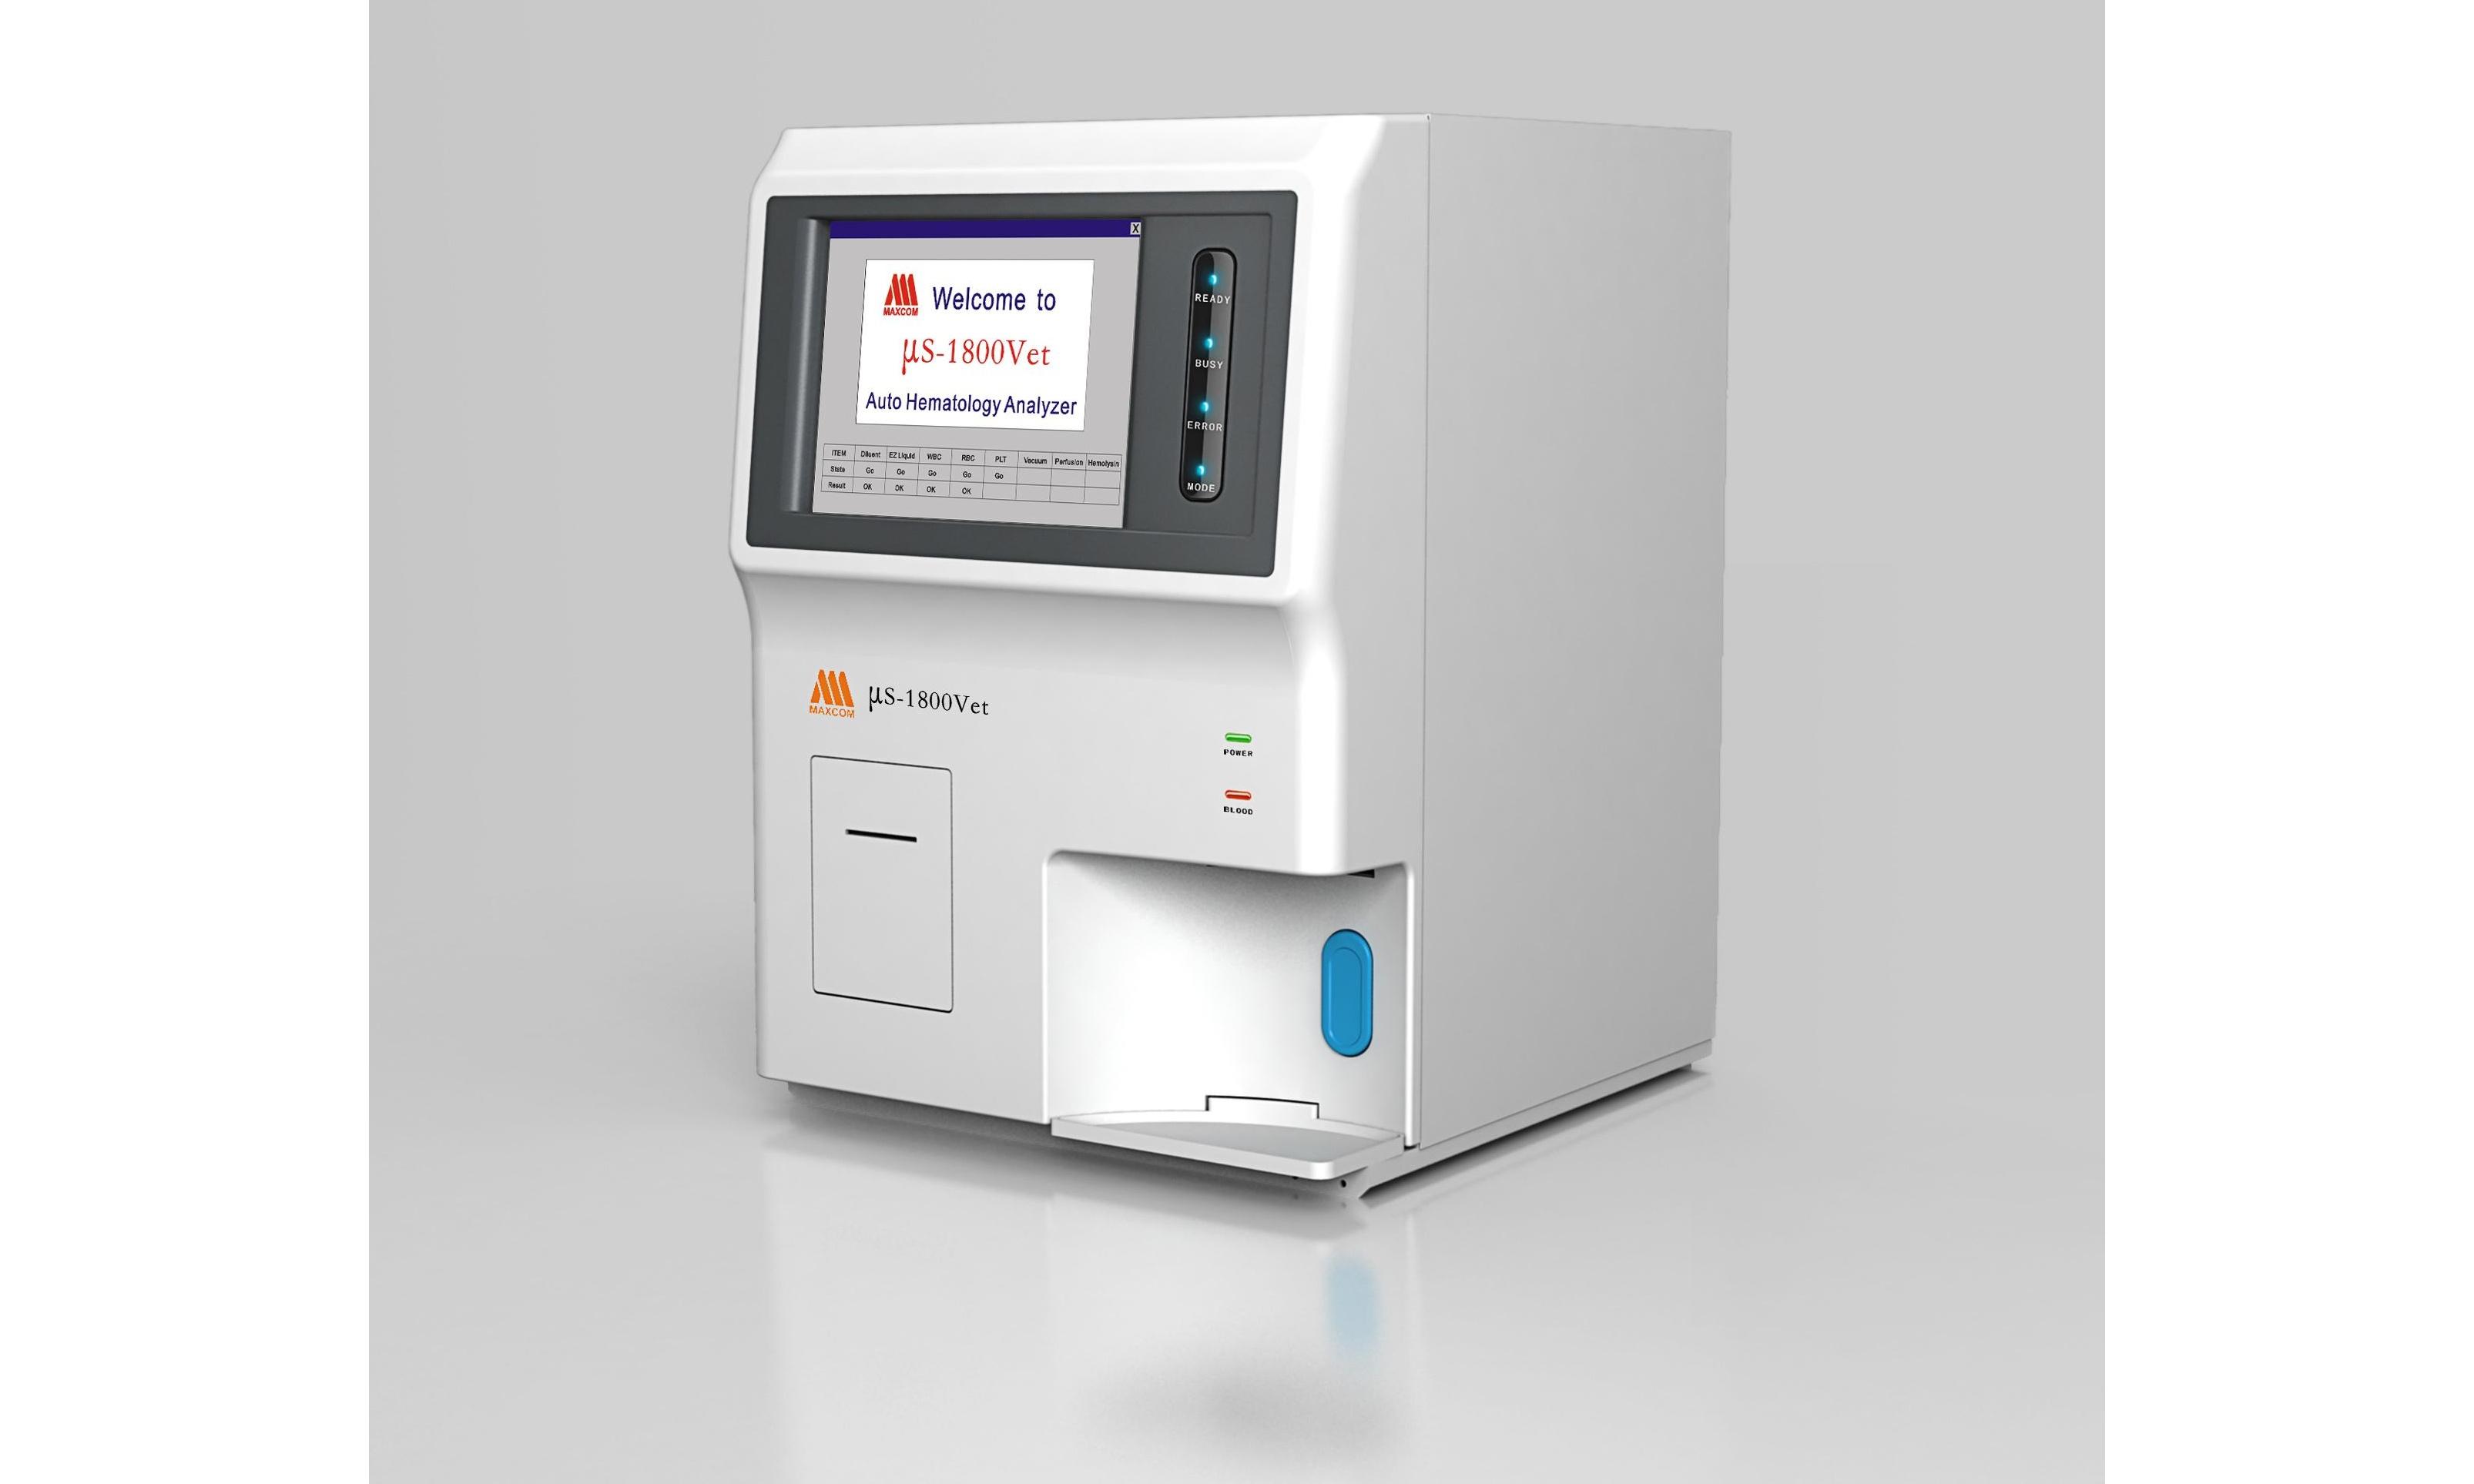 克什克腾旗医院全自动血液分析仪采购公开招标公告